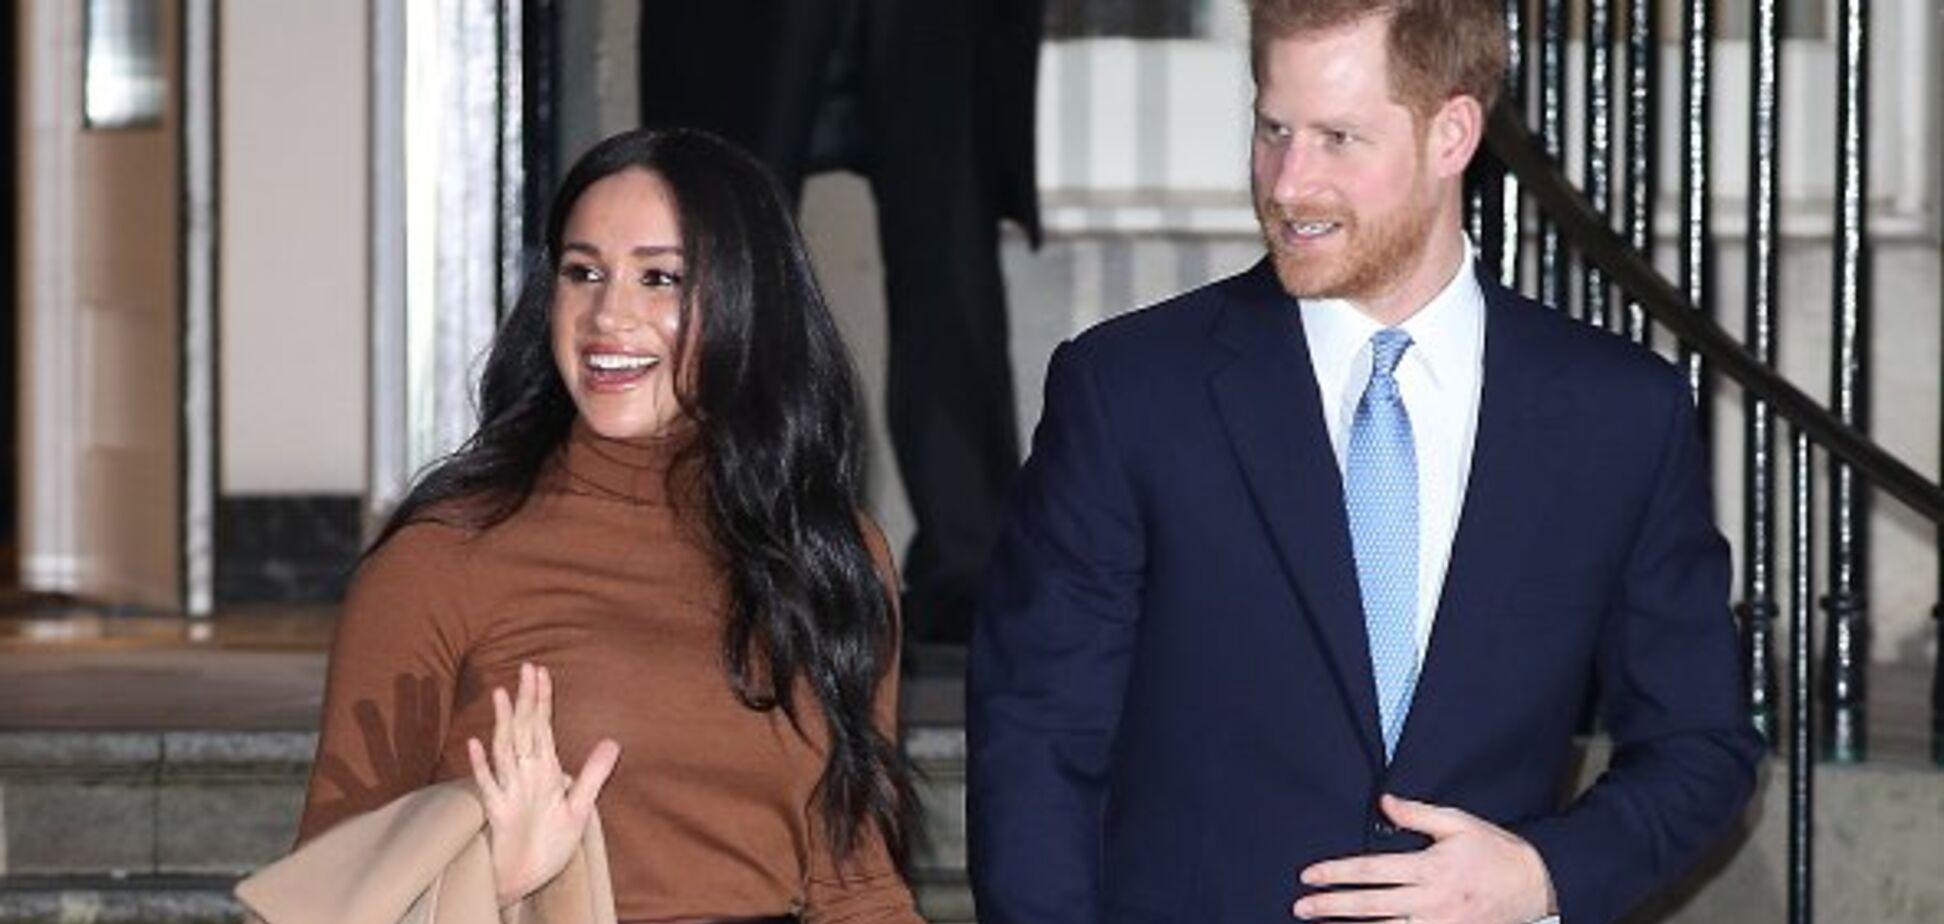 Скільки грошей втратять Меган Маркл і принц Гаррі після того, як підуть із королівської сім'ї: відомі суми